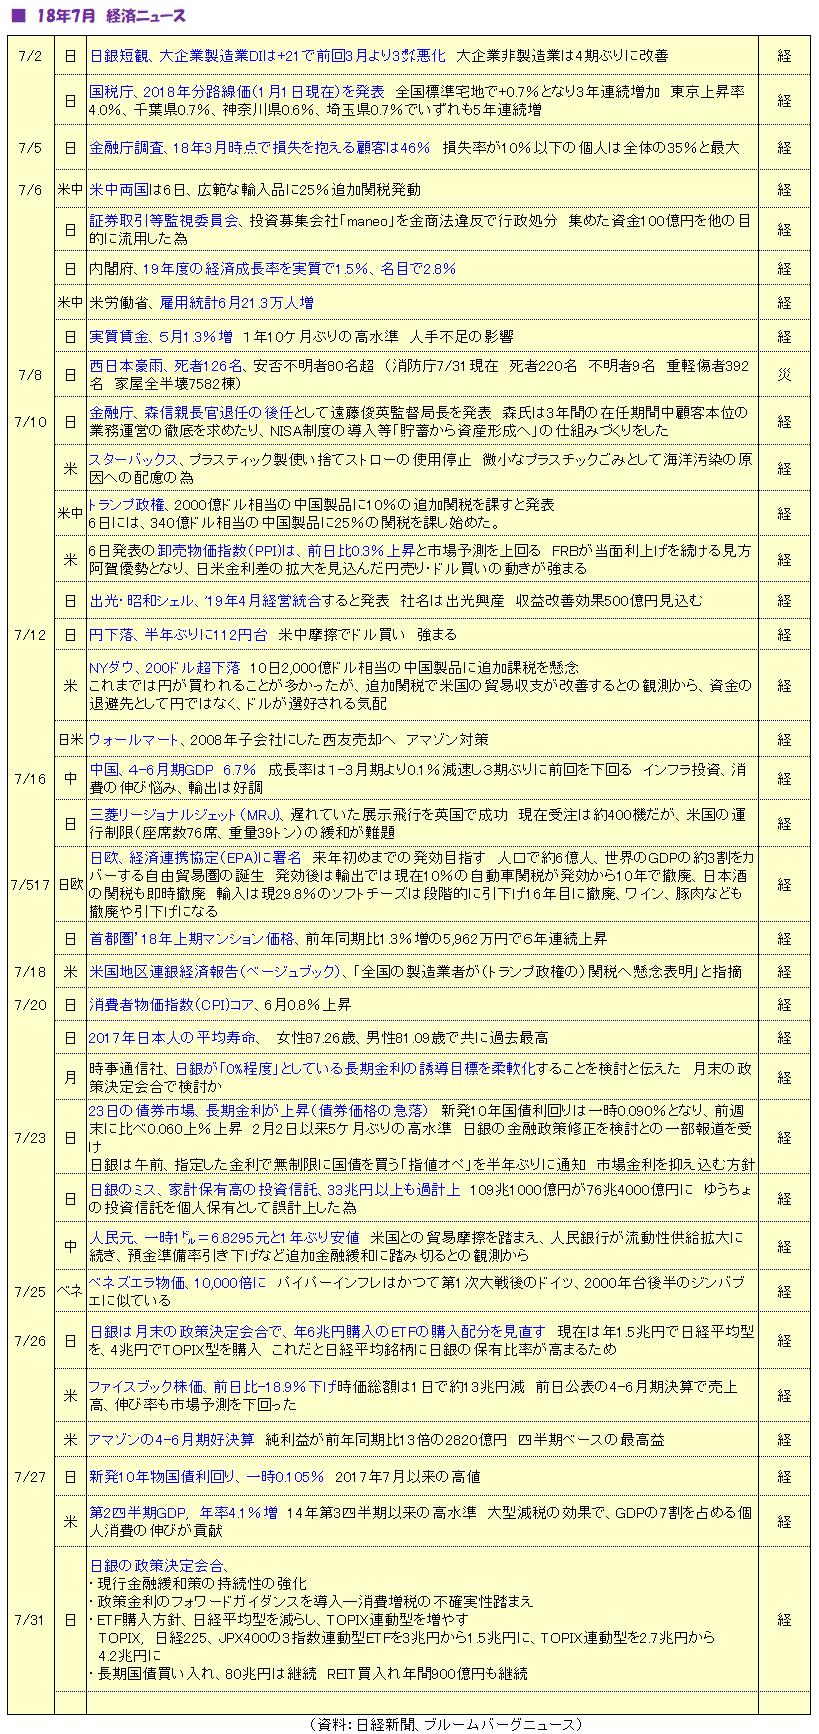 1807_月報ニュース